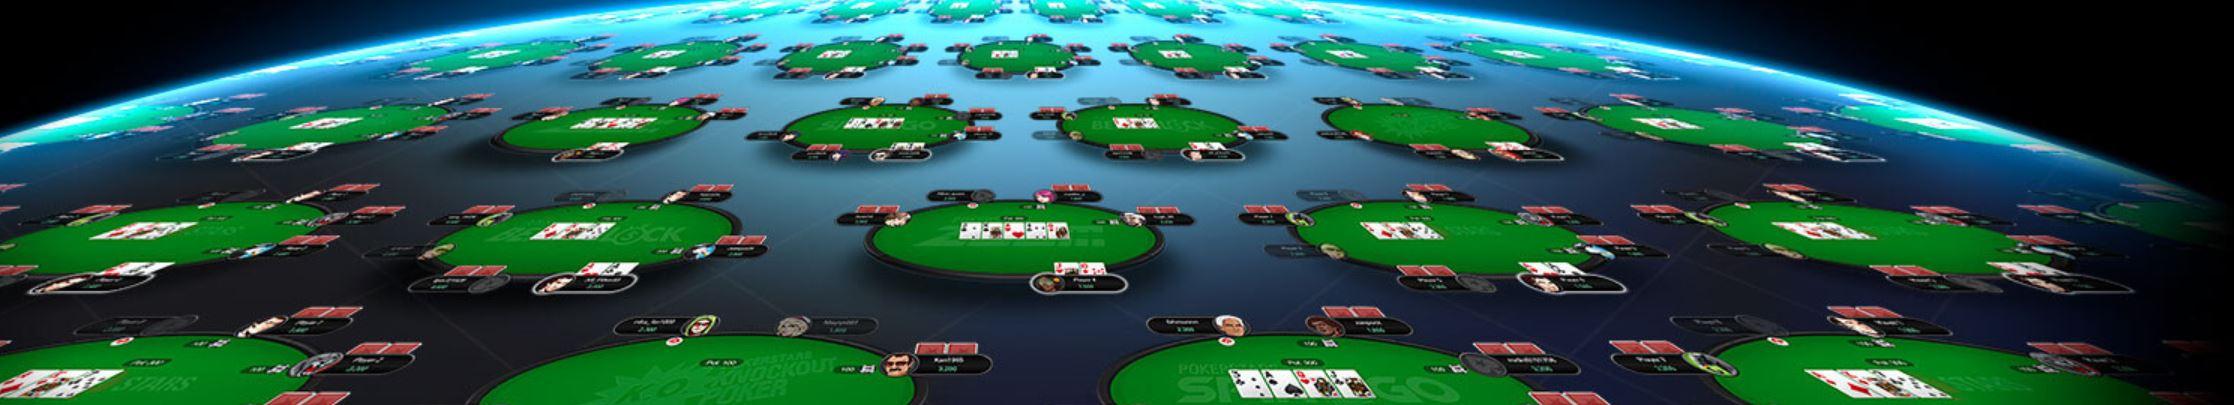 Existen muchos tipos de torneos de juegos de azar en los casinos en línea.